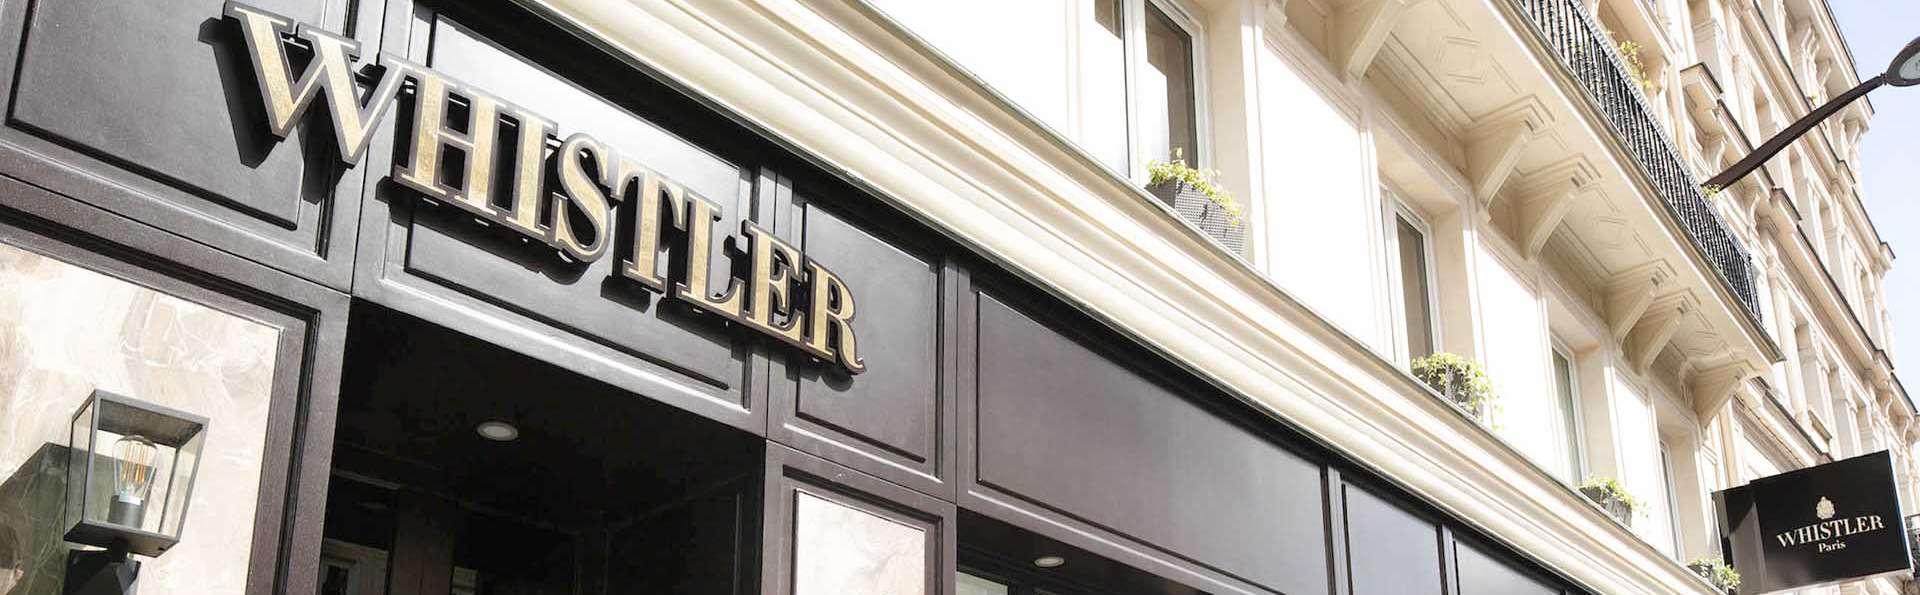 Hôtel Whistler - EDIT_FRONT_01.jpg